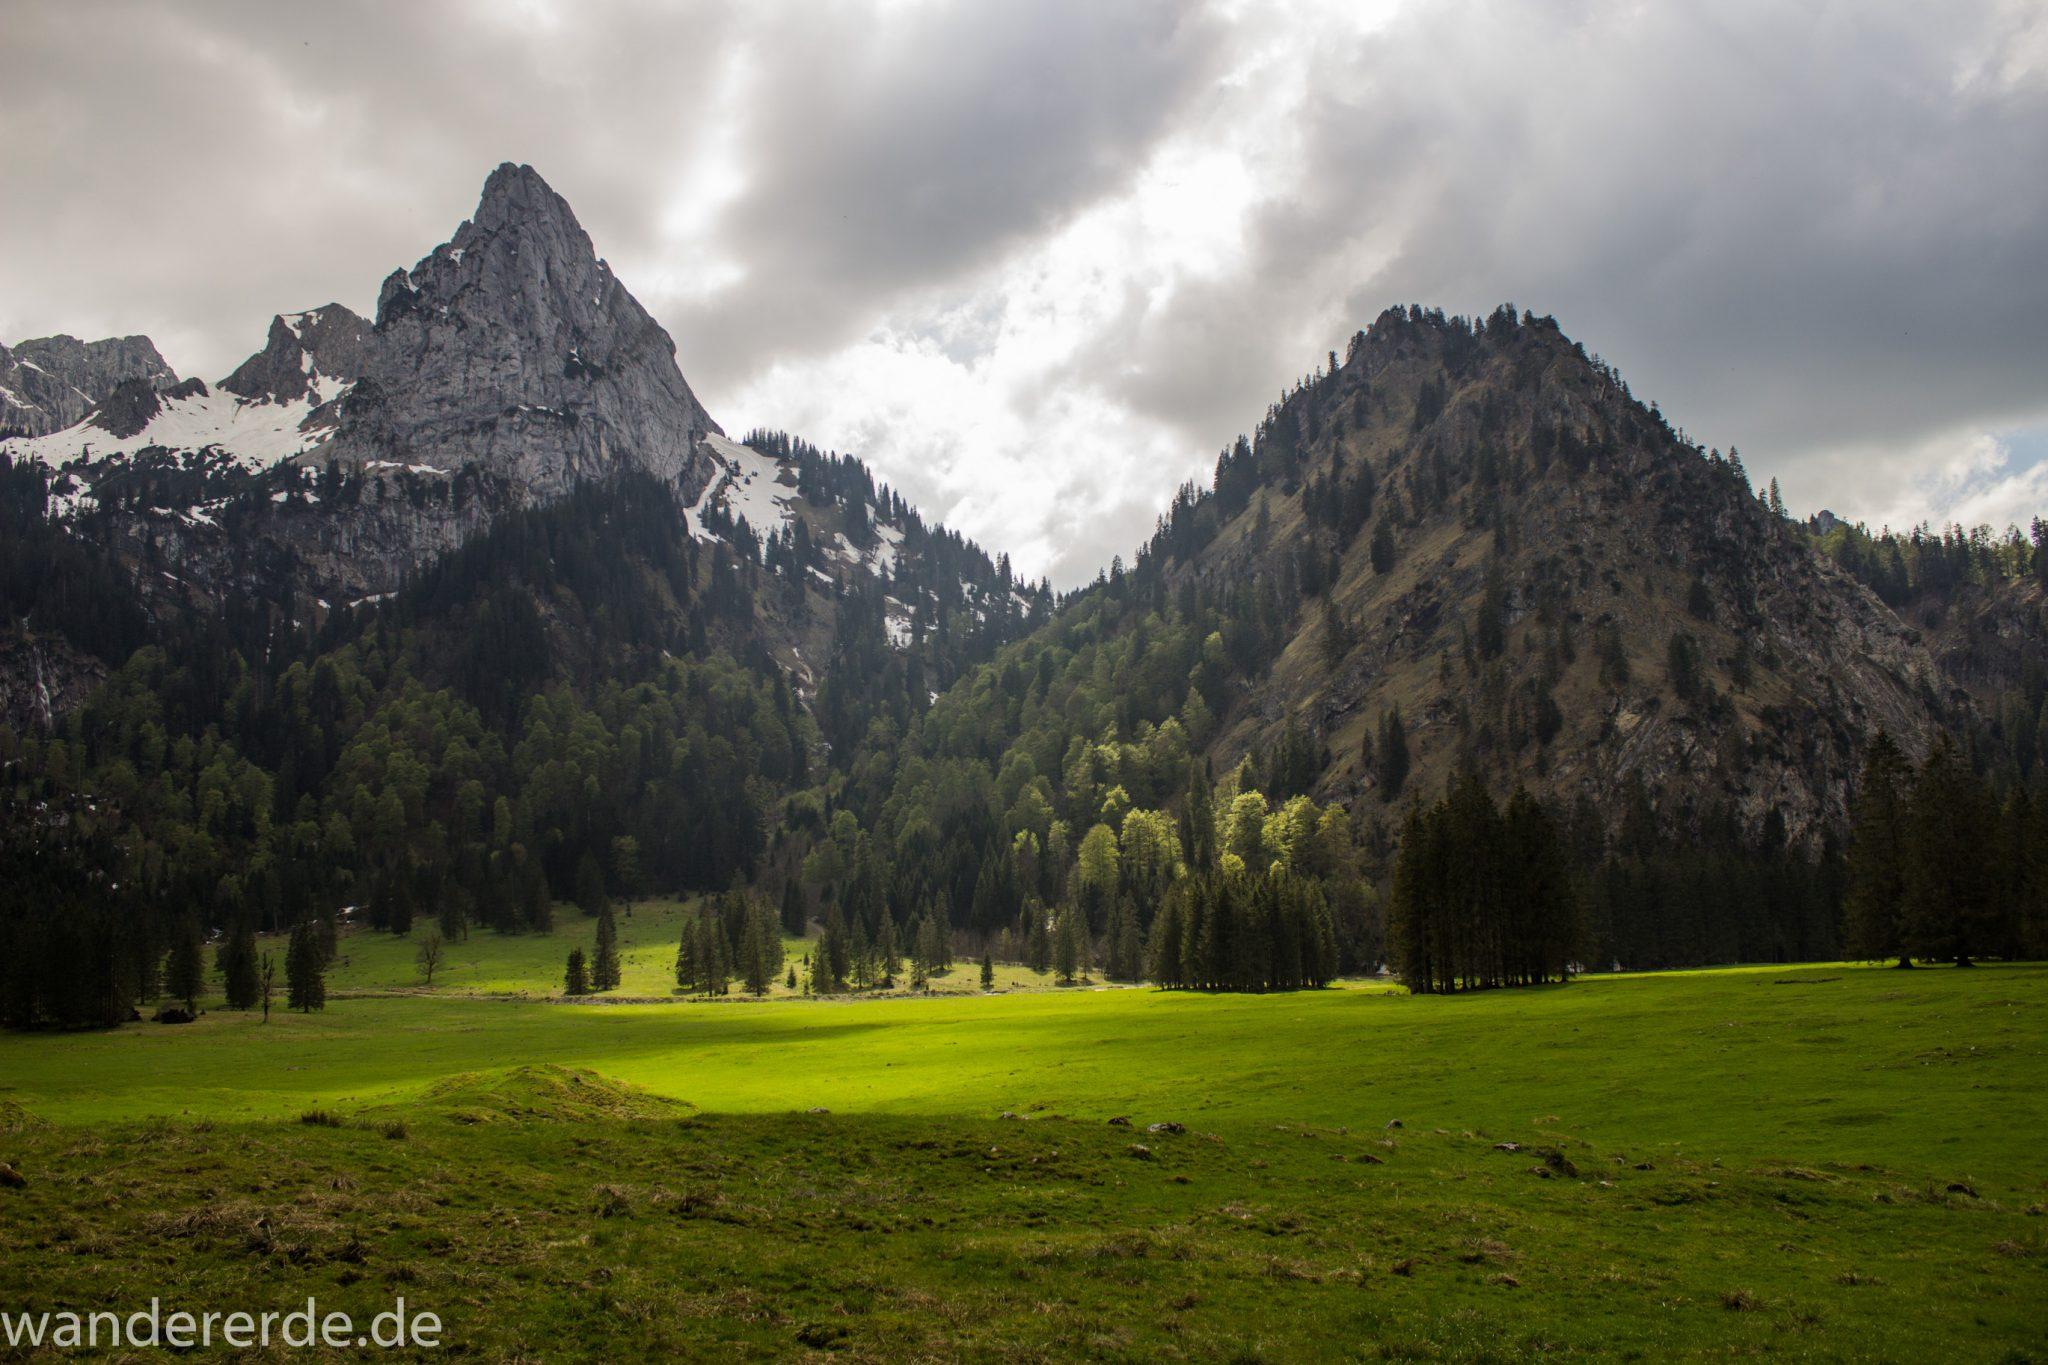 Wanderung zur Kenzenhütte in den Ammergauer Alpen, Aussicht auf die Berge, spitzer Gipfel, Frühjahr in den bayerischen Alpen, Wanderweg führt entlang dichtem grünen Wald und saftigen Wiesen